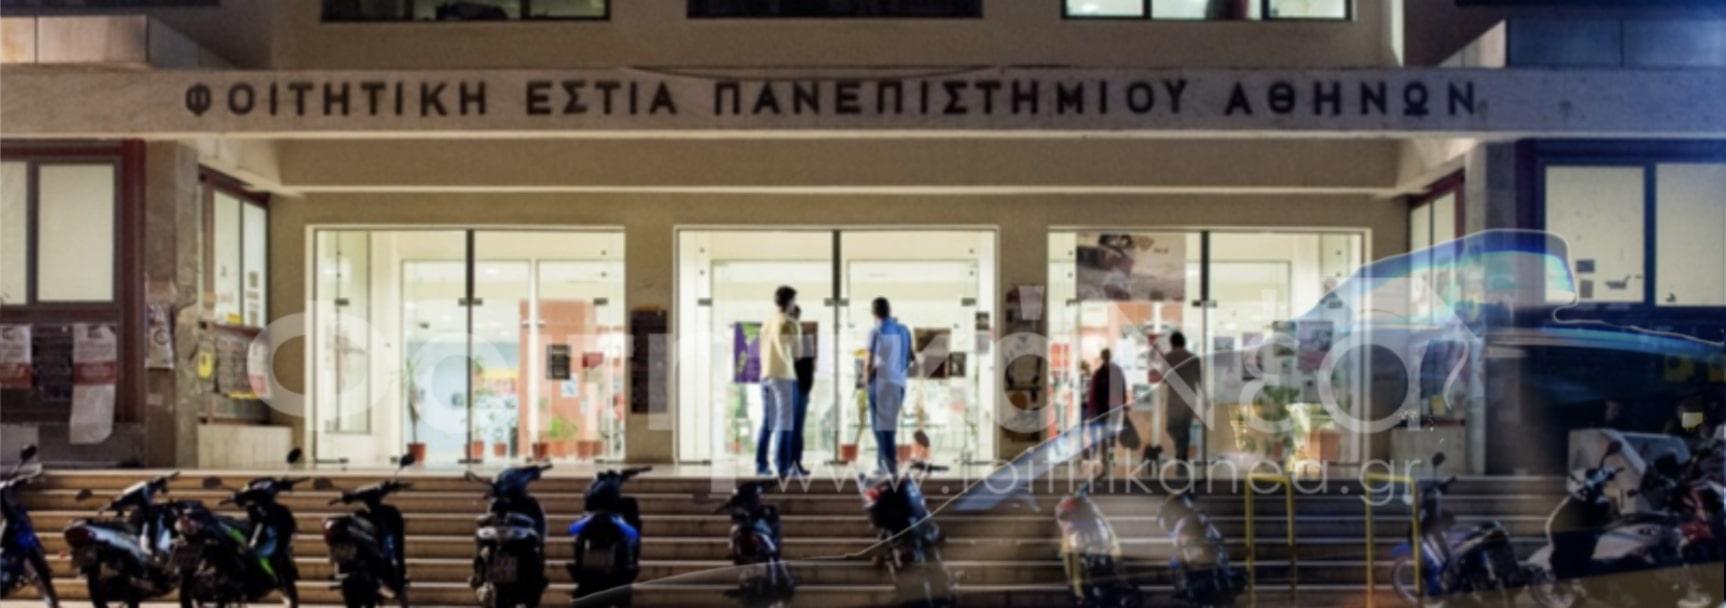 Τρόμος στην Πανεπιστημιούπολη! Άγνωστος παρακολουθεί φοιτήτριες - Τι καταγγέλλουν στα «Φοιτητικά Νέα»